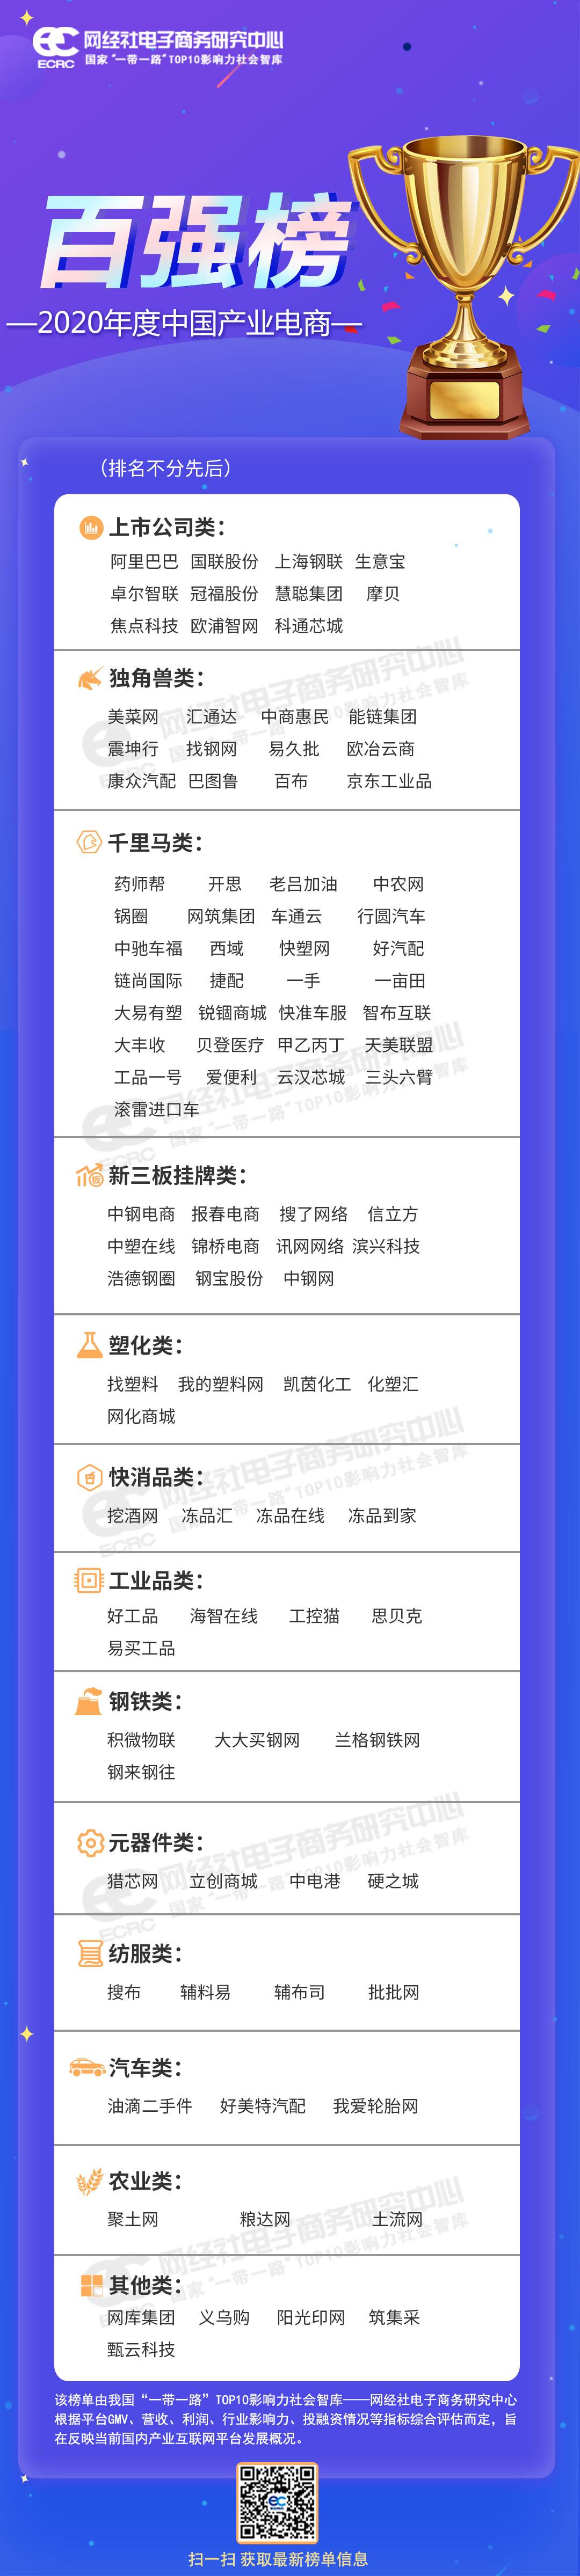 2020互联网百强榜.jpg